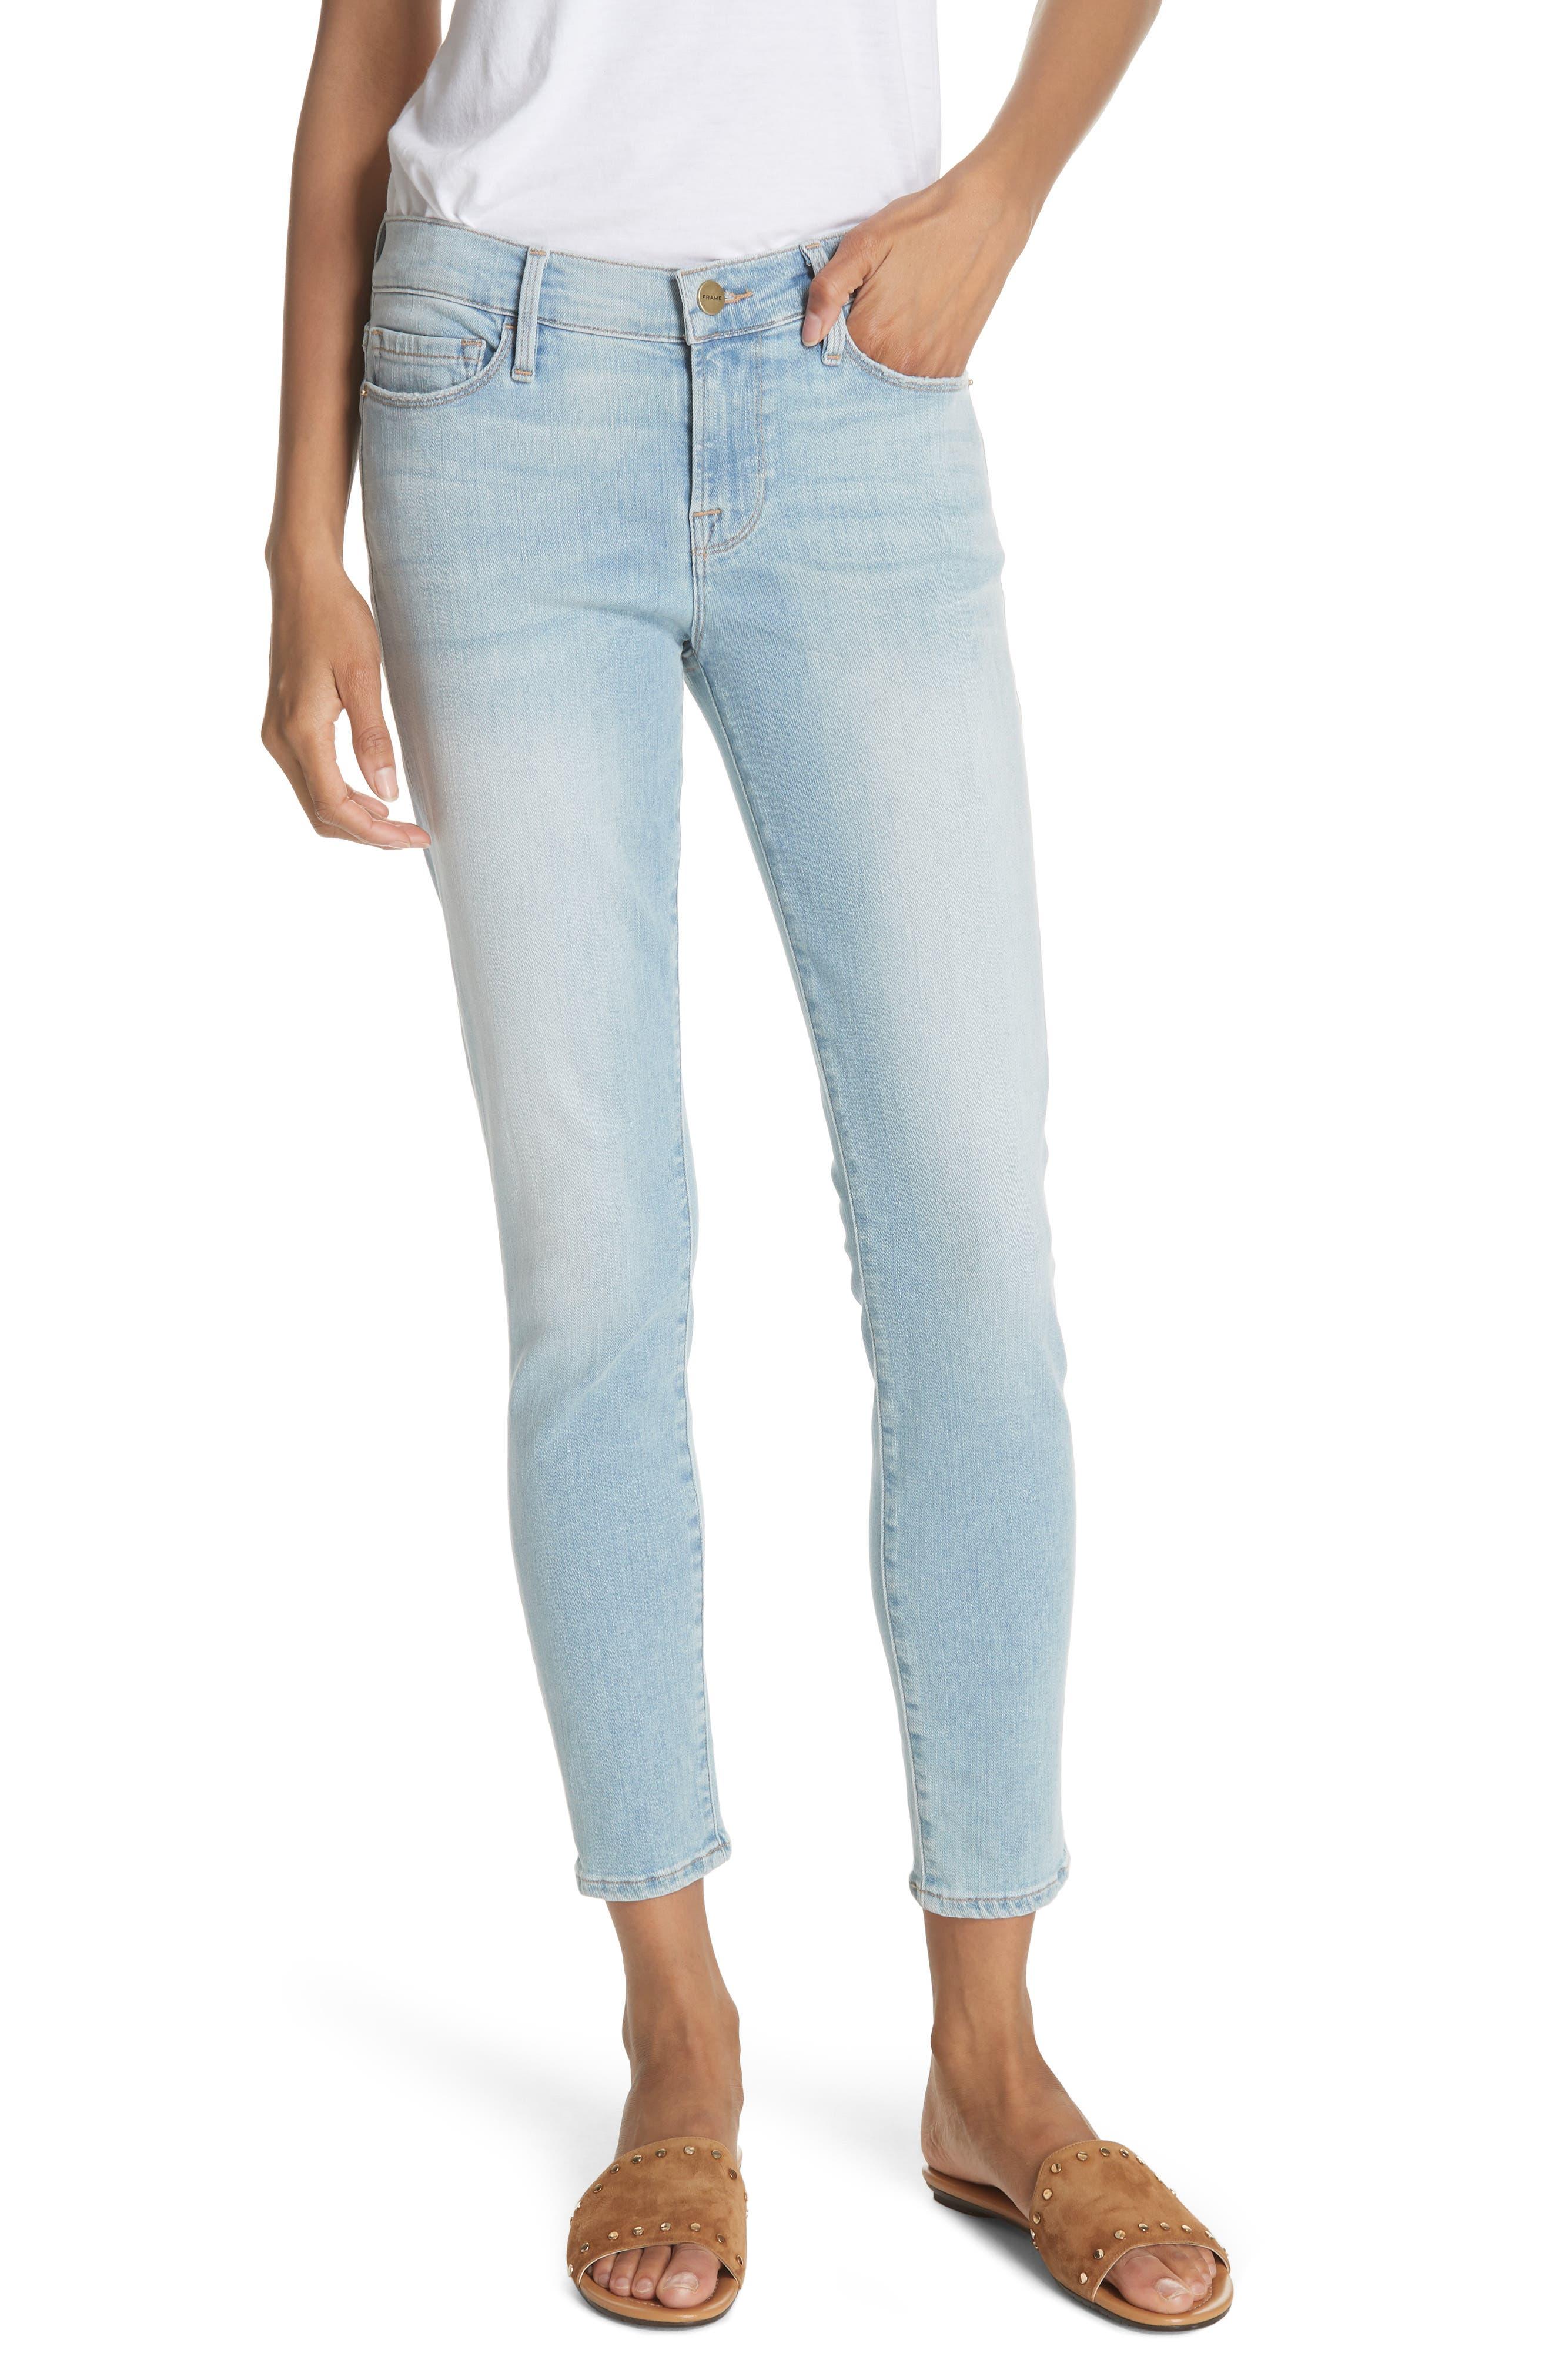 Le Skinny de Jeanne Crop Jeans,                             Main thumbnail 1, color,                             Southall